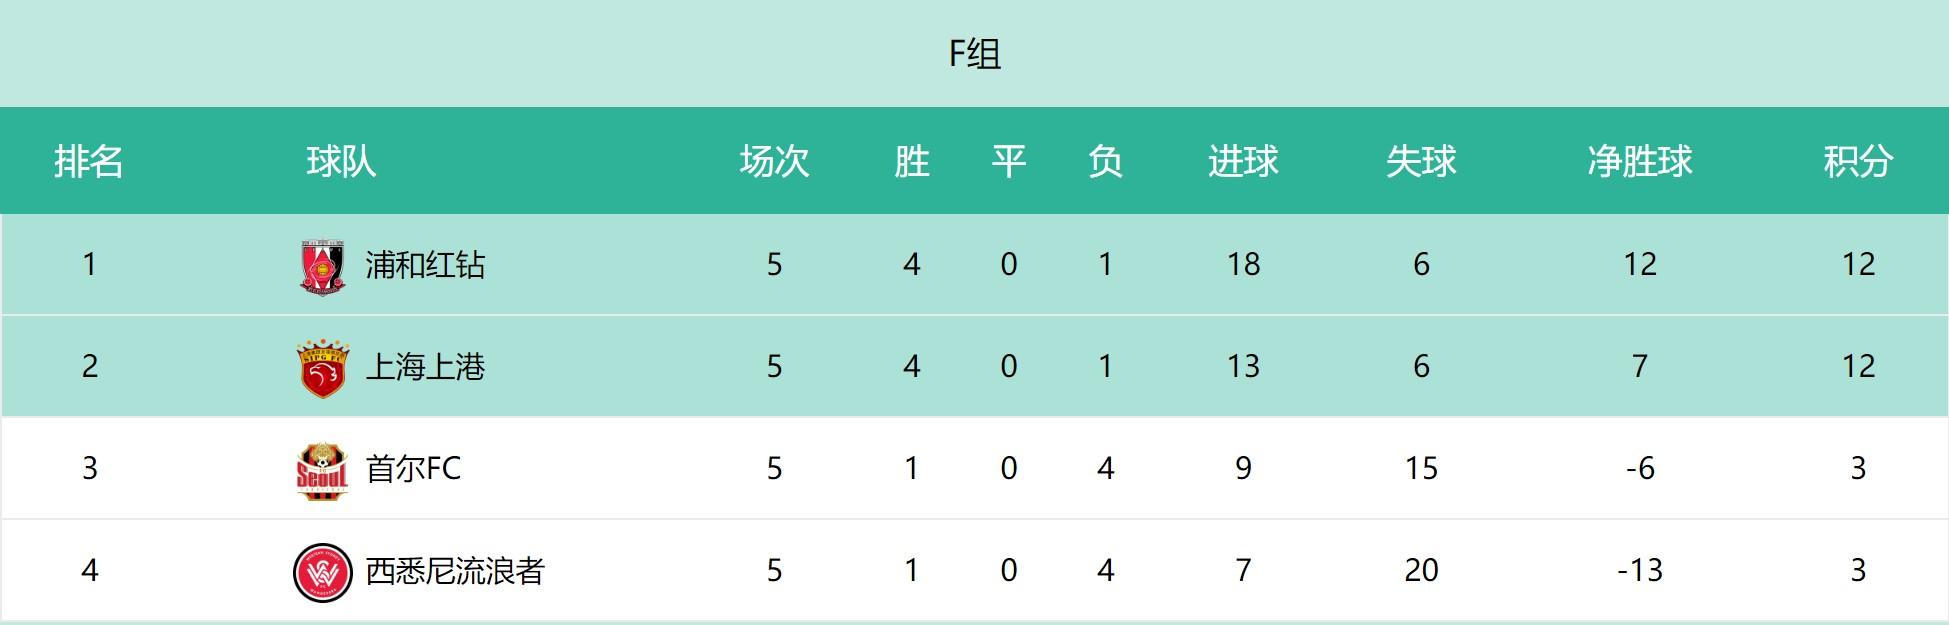 亚冠赔率西悉尼战意存疑,上海上港做客力争取胜